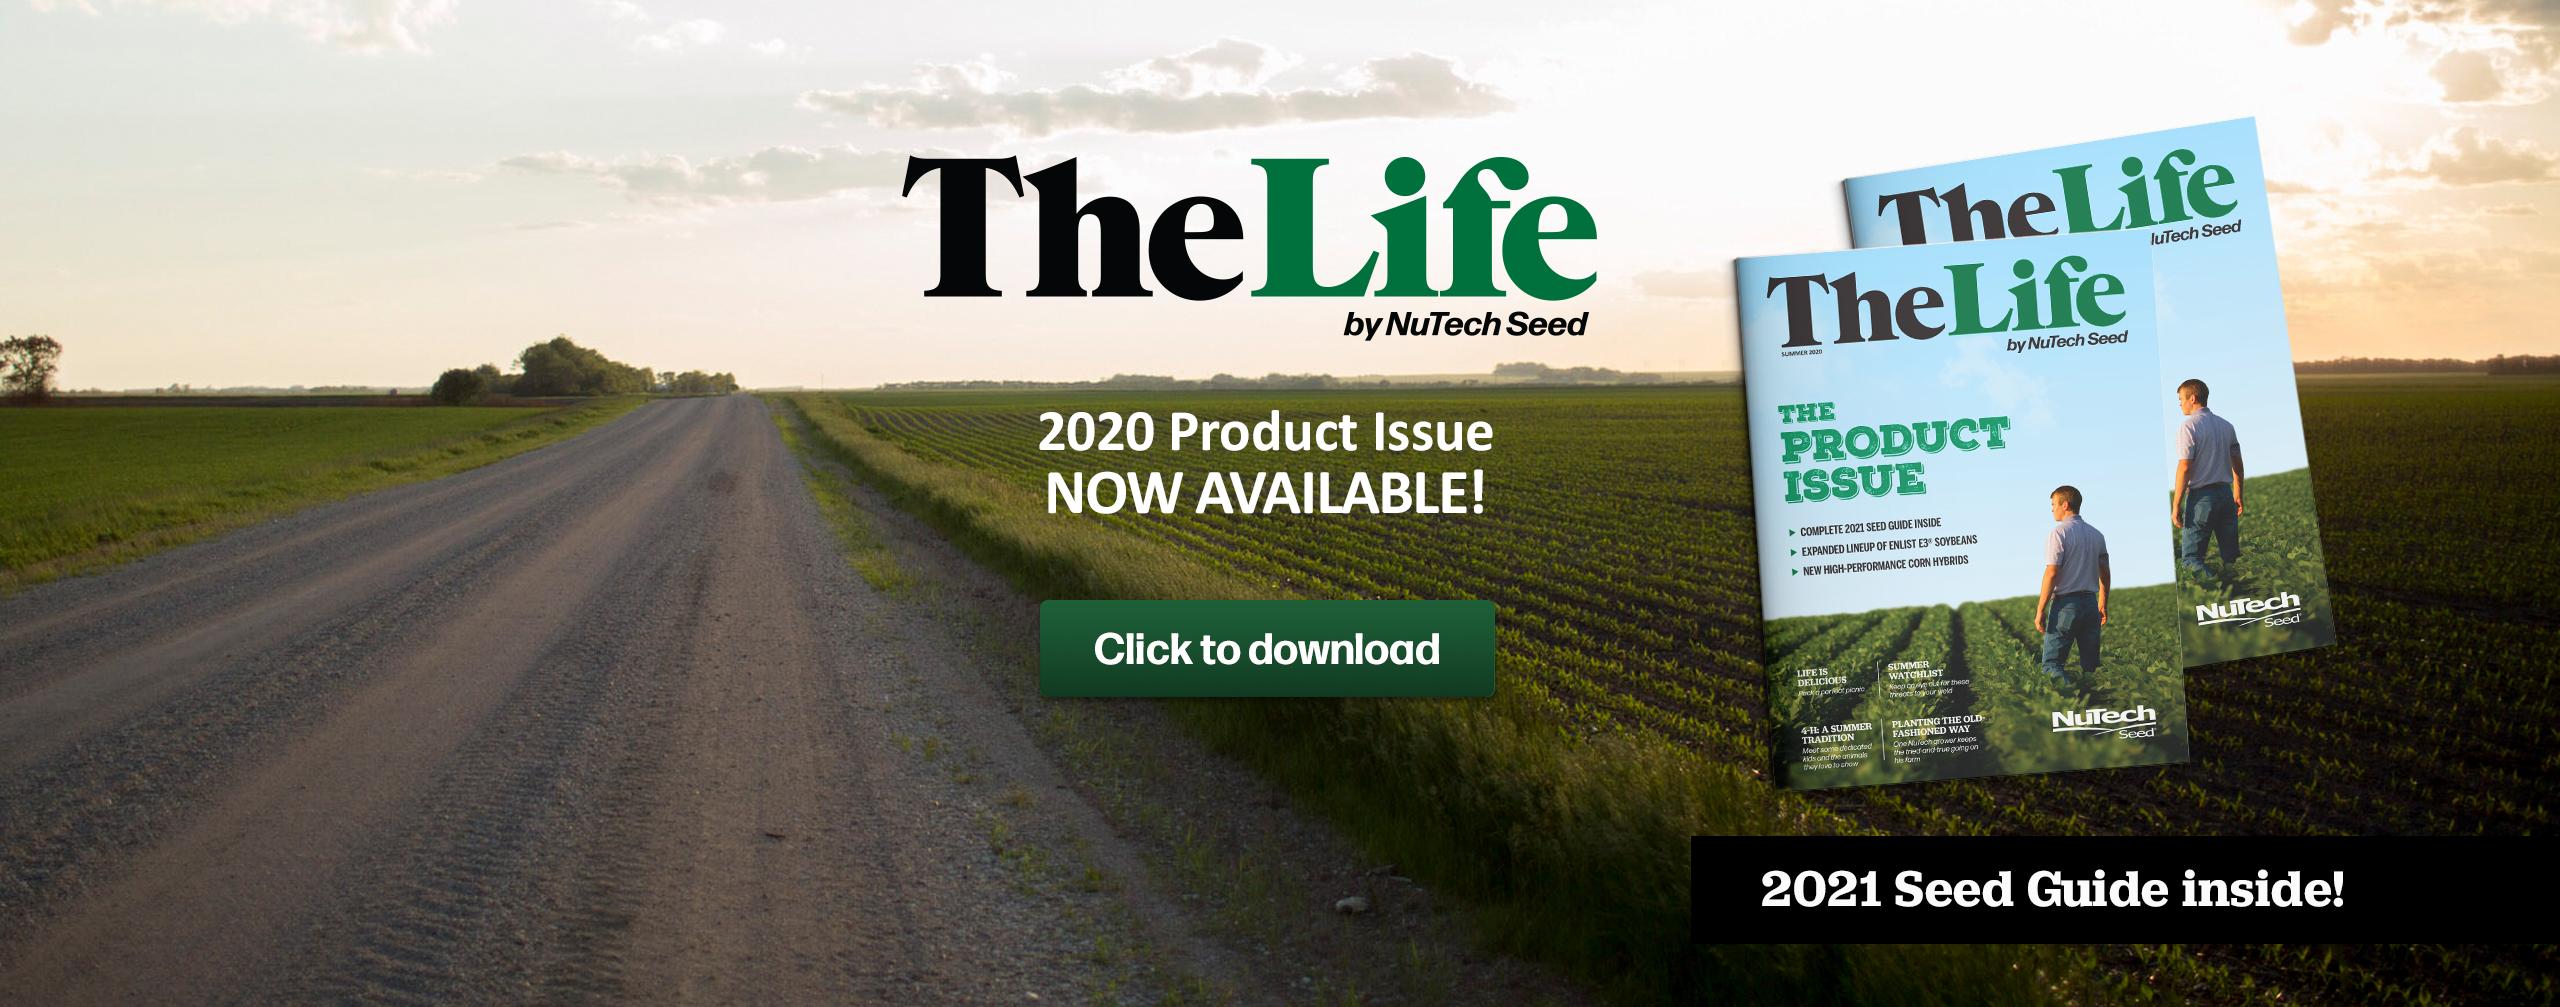 TheLifeMagazine5-2021ProductIssue